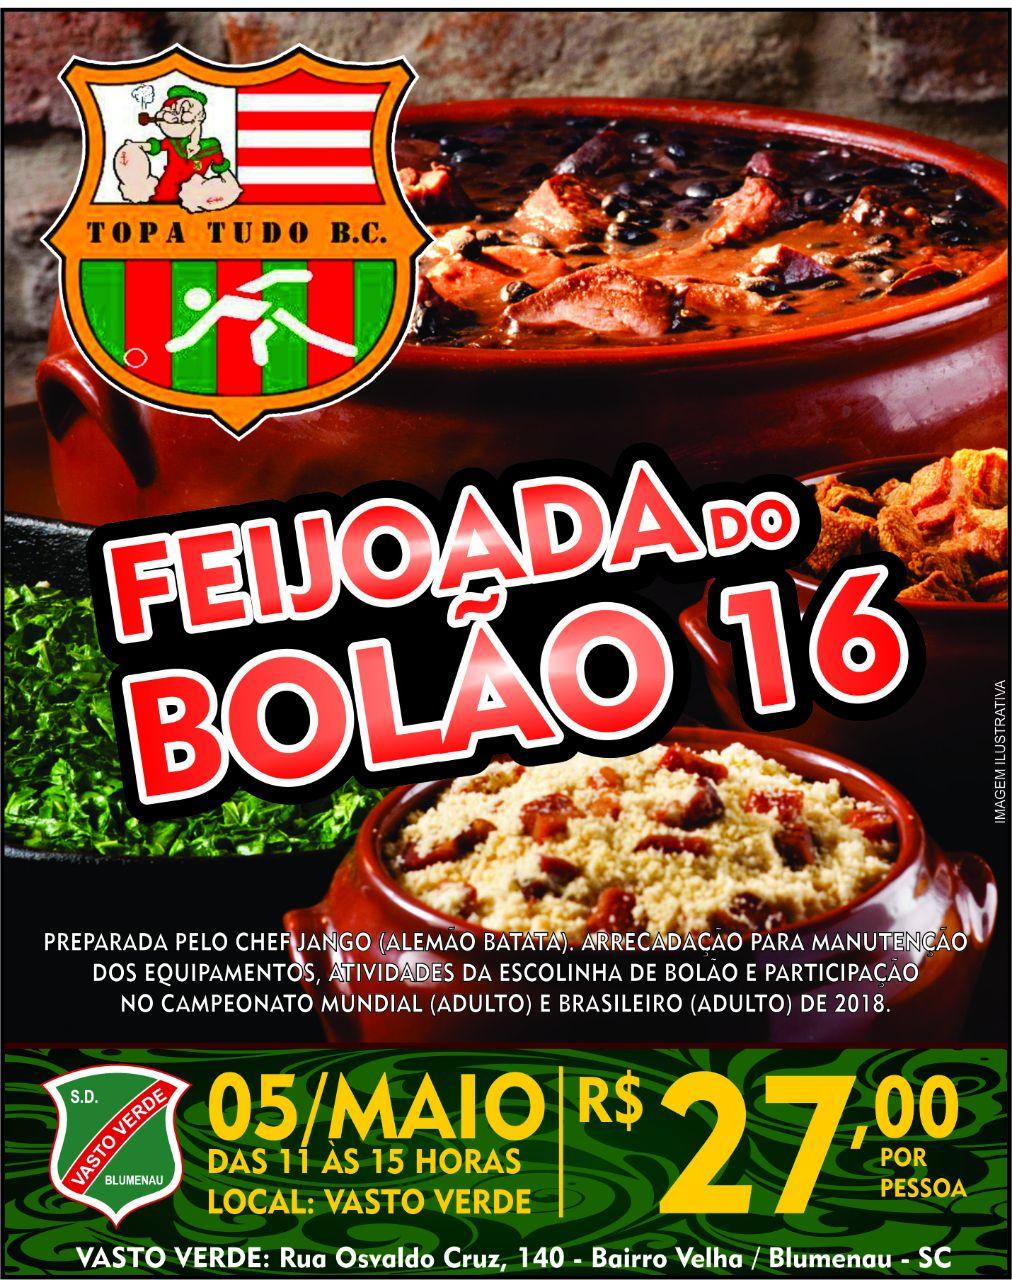 FEIJOADA DO BOLÃO 16